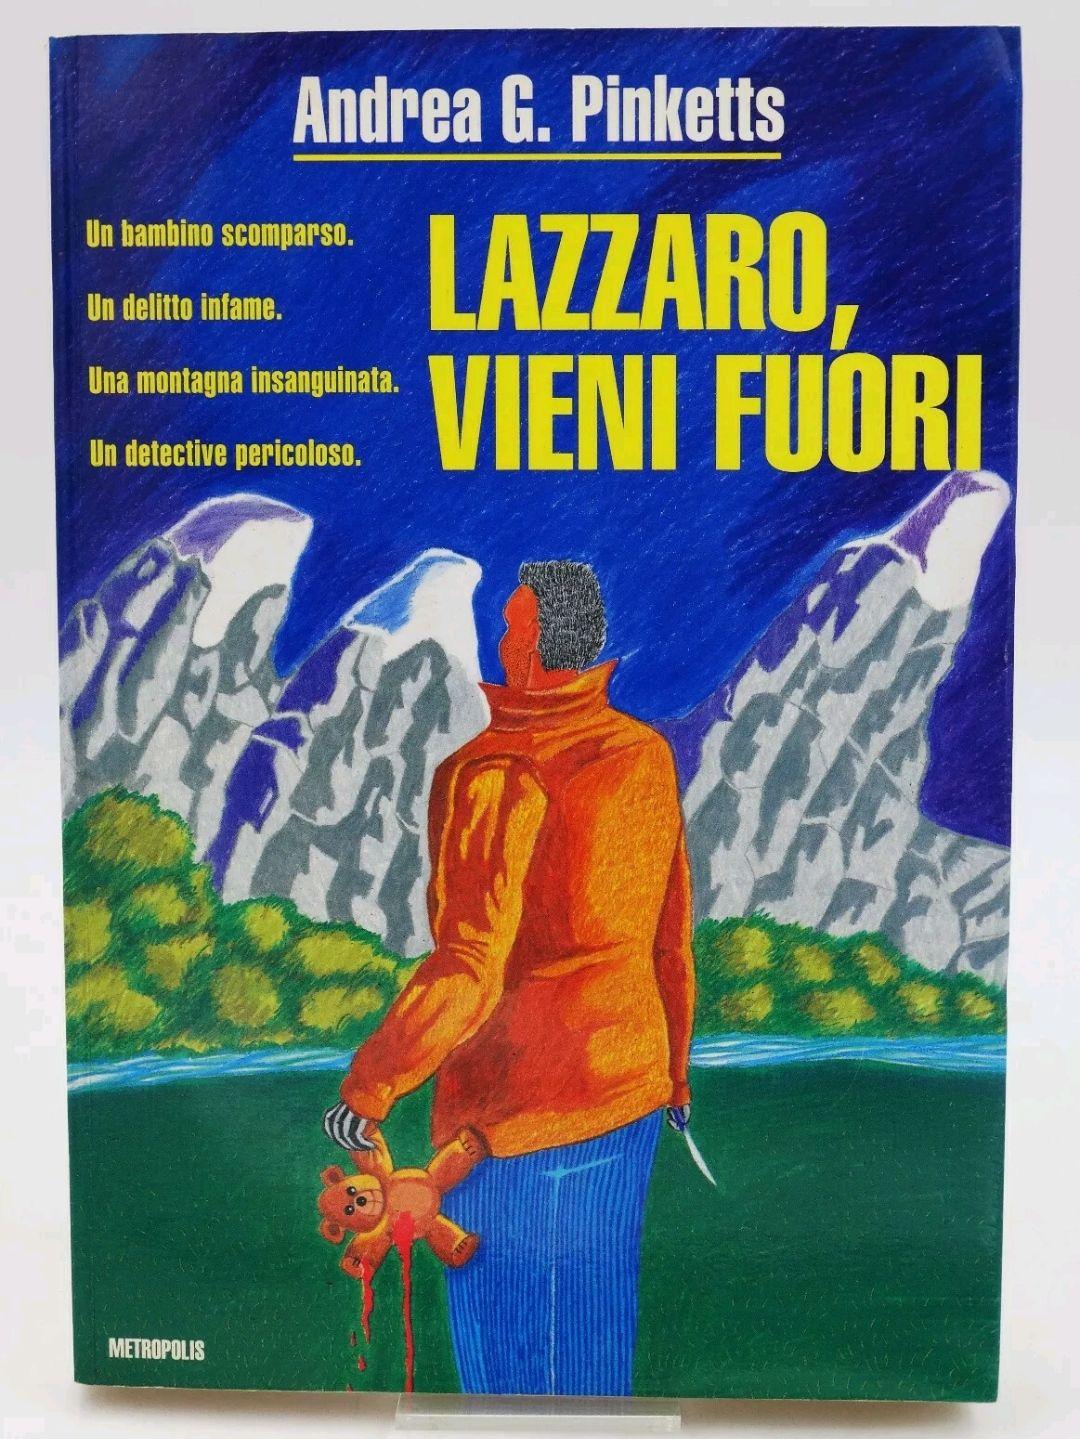 """Ancora all'asta """"LAZZARO, VIENI FUORI"""" di Andrea G. Pinketts Edizioni Metropolis 1a Ed 1992 Rarissimo: è pioggia di offerte!"""